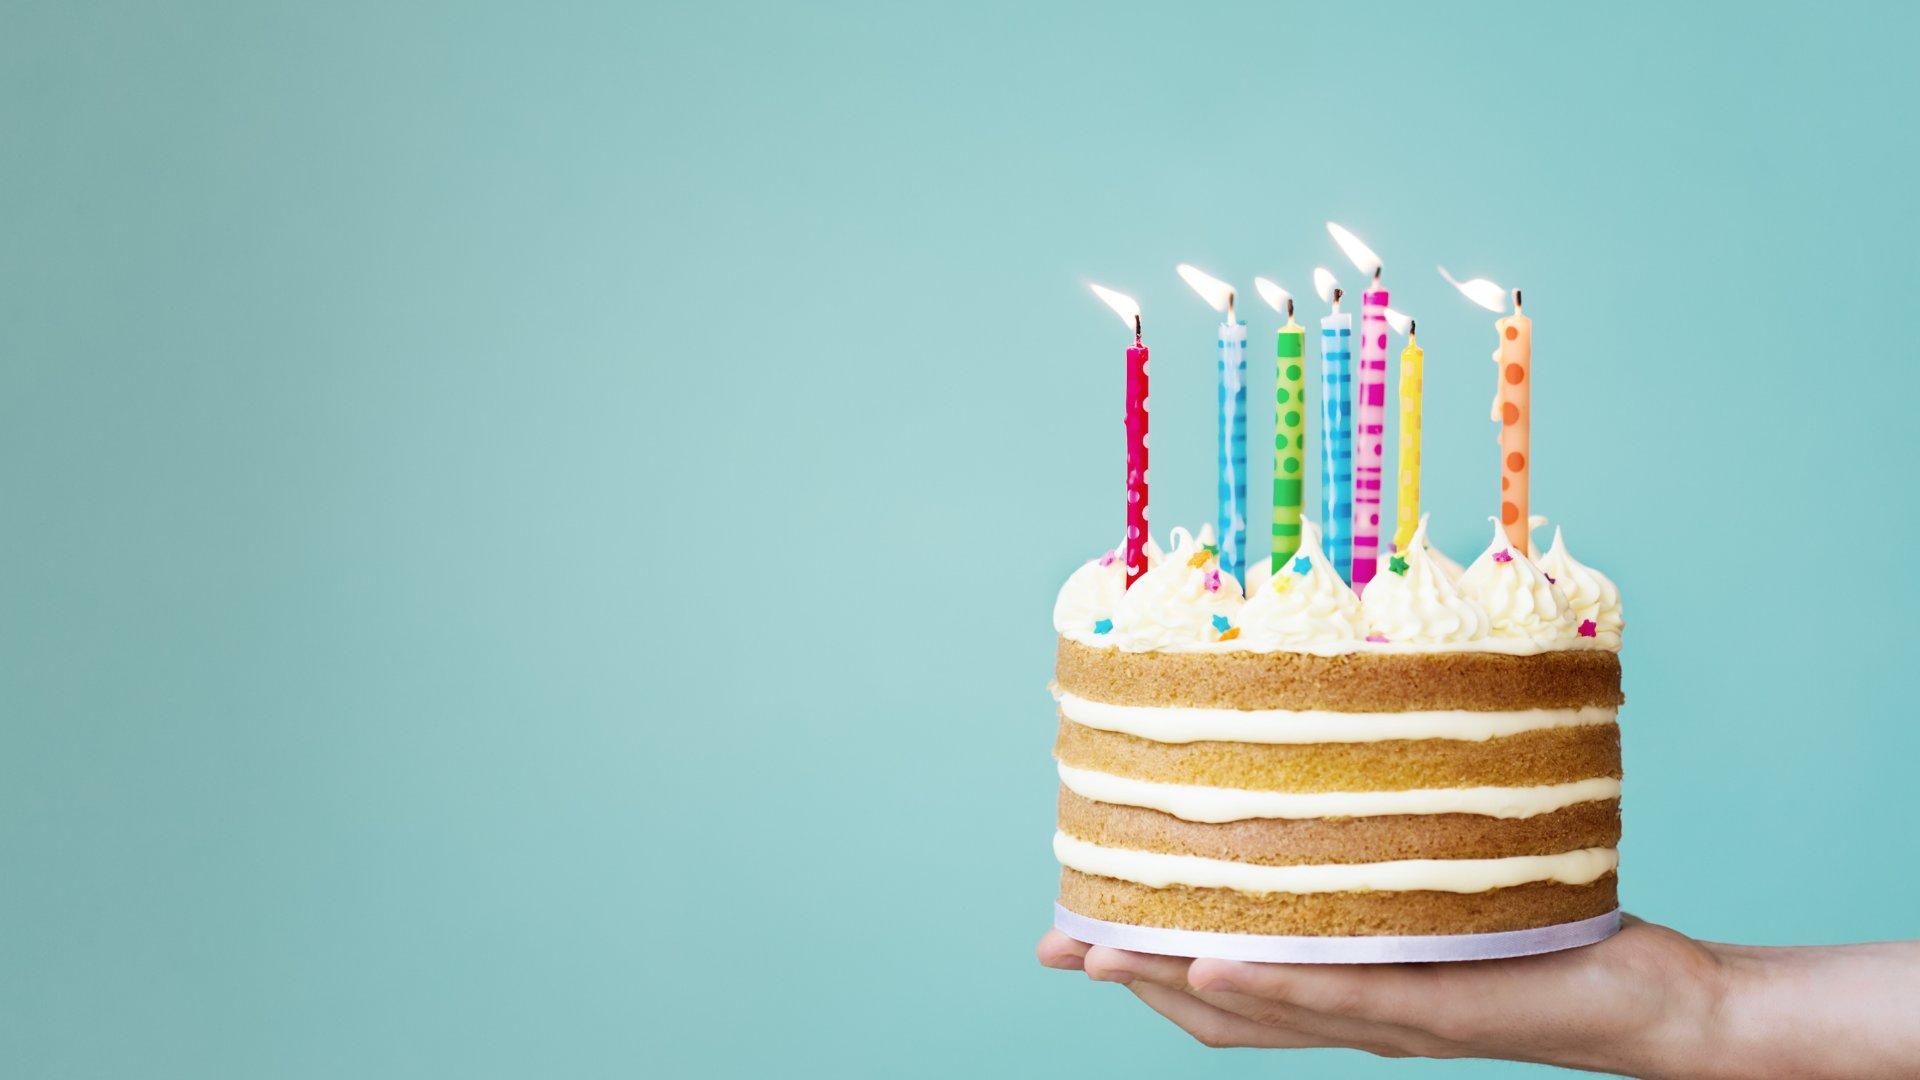 Pessoa segurando bolo de aniversário com velas acesas